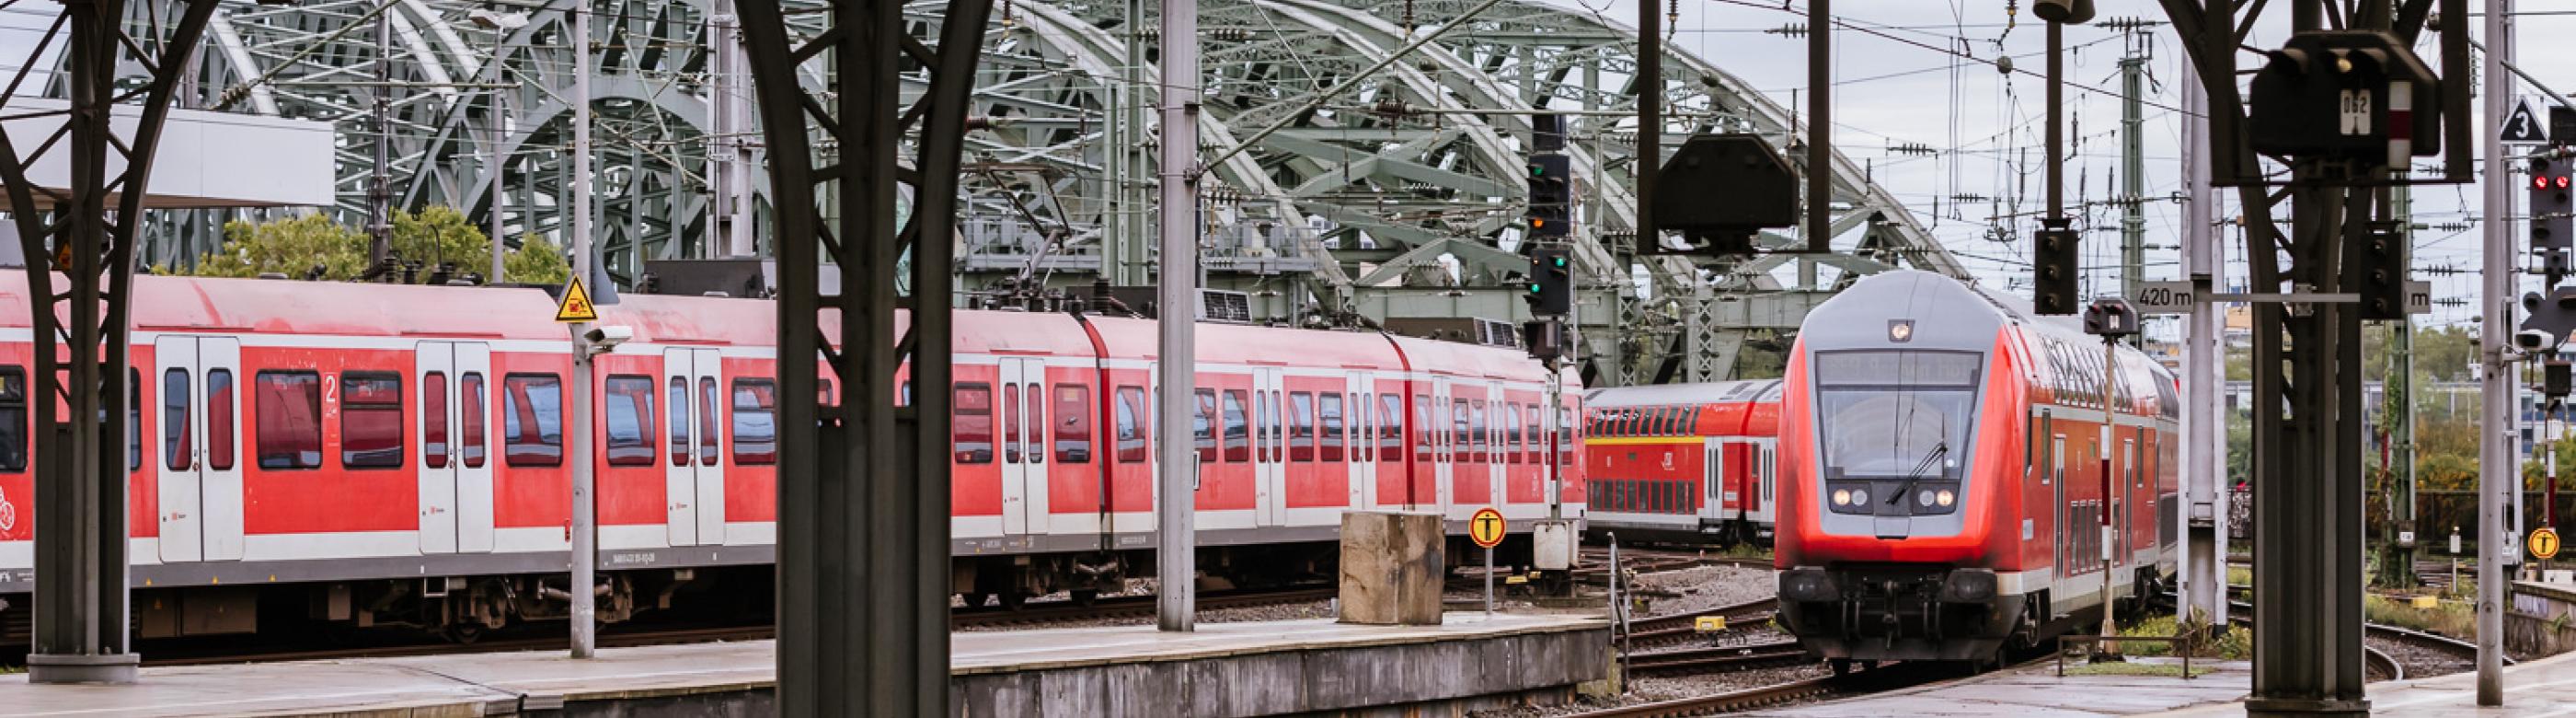 <p>2020 ist der Ausbau der S 11 und der Erftbahn ein gutes Stück vorangekommen. Wo stehen die Projekte derzeit und wie geht es 2021 weiter?</p>